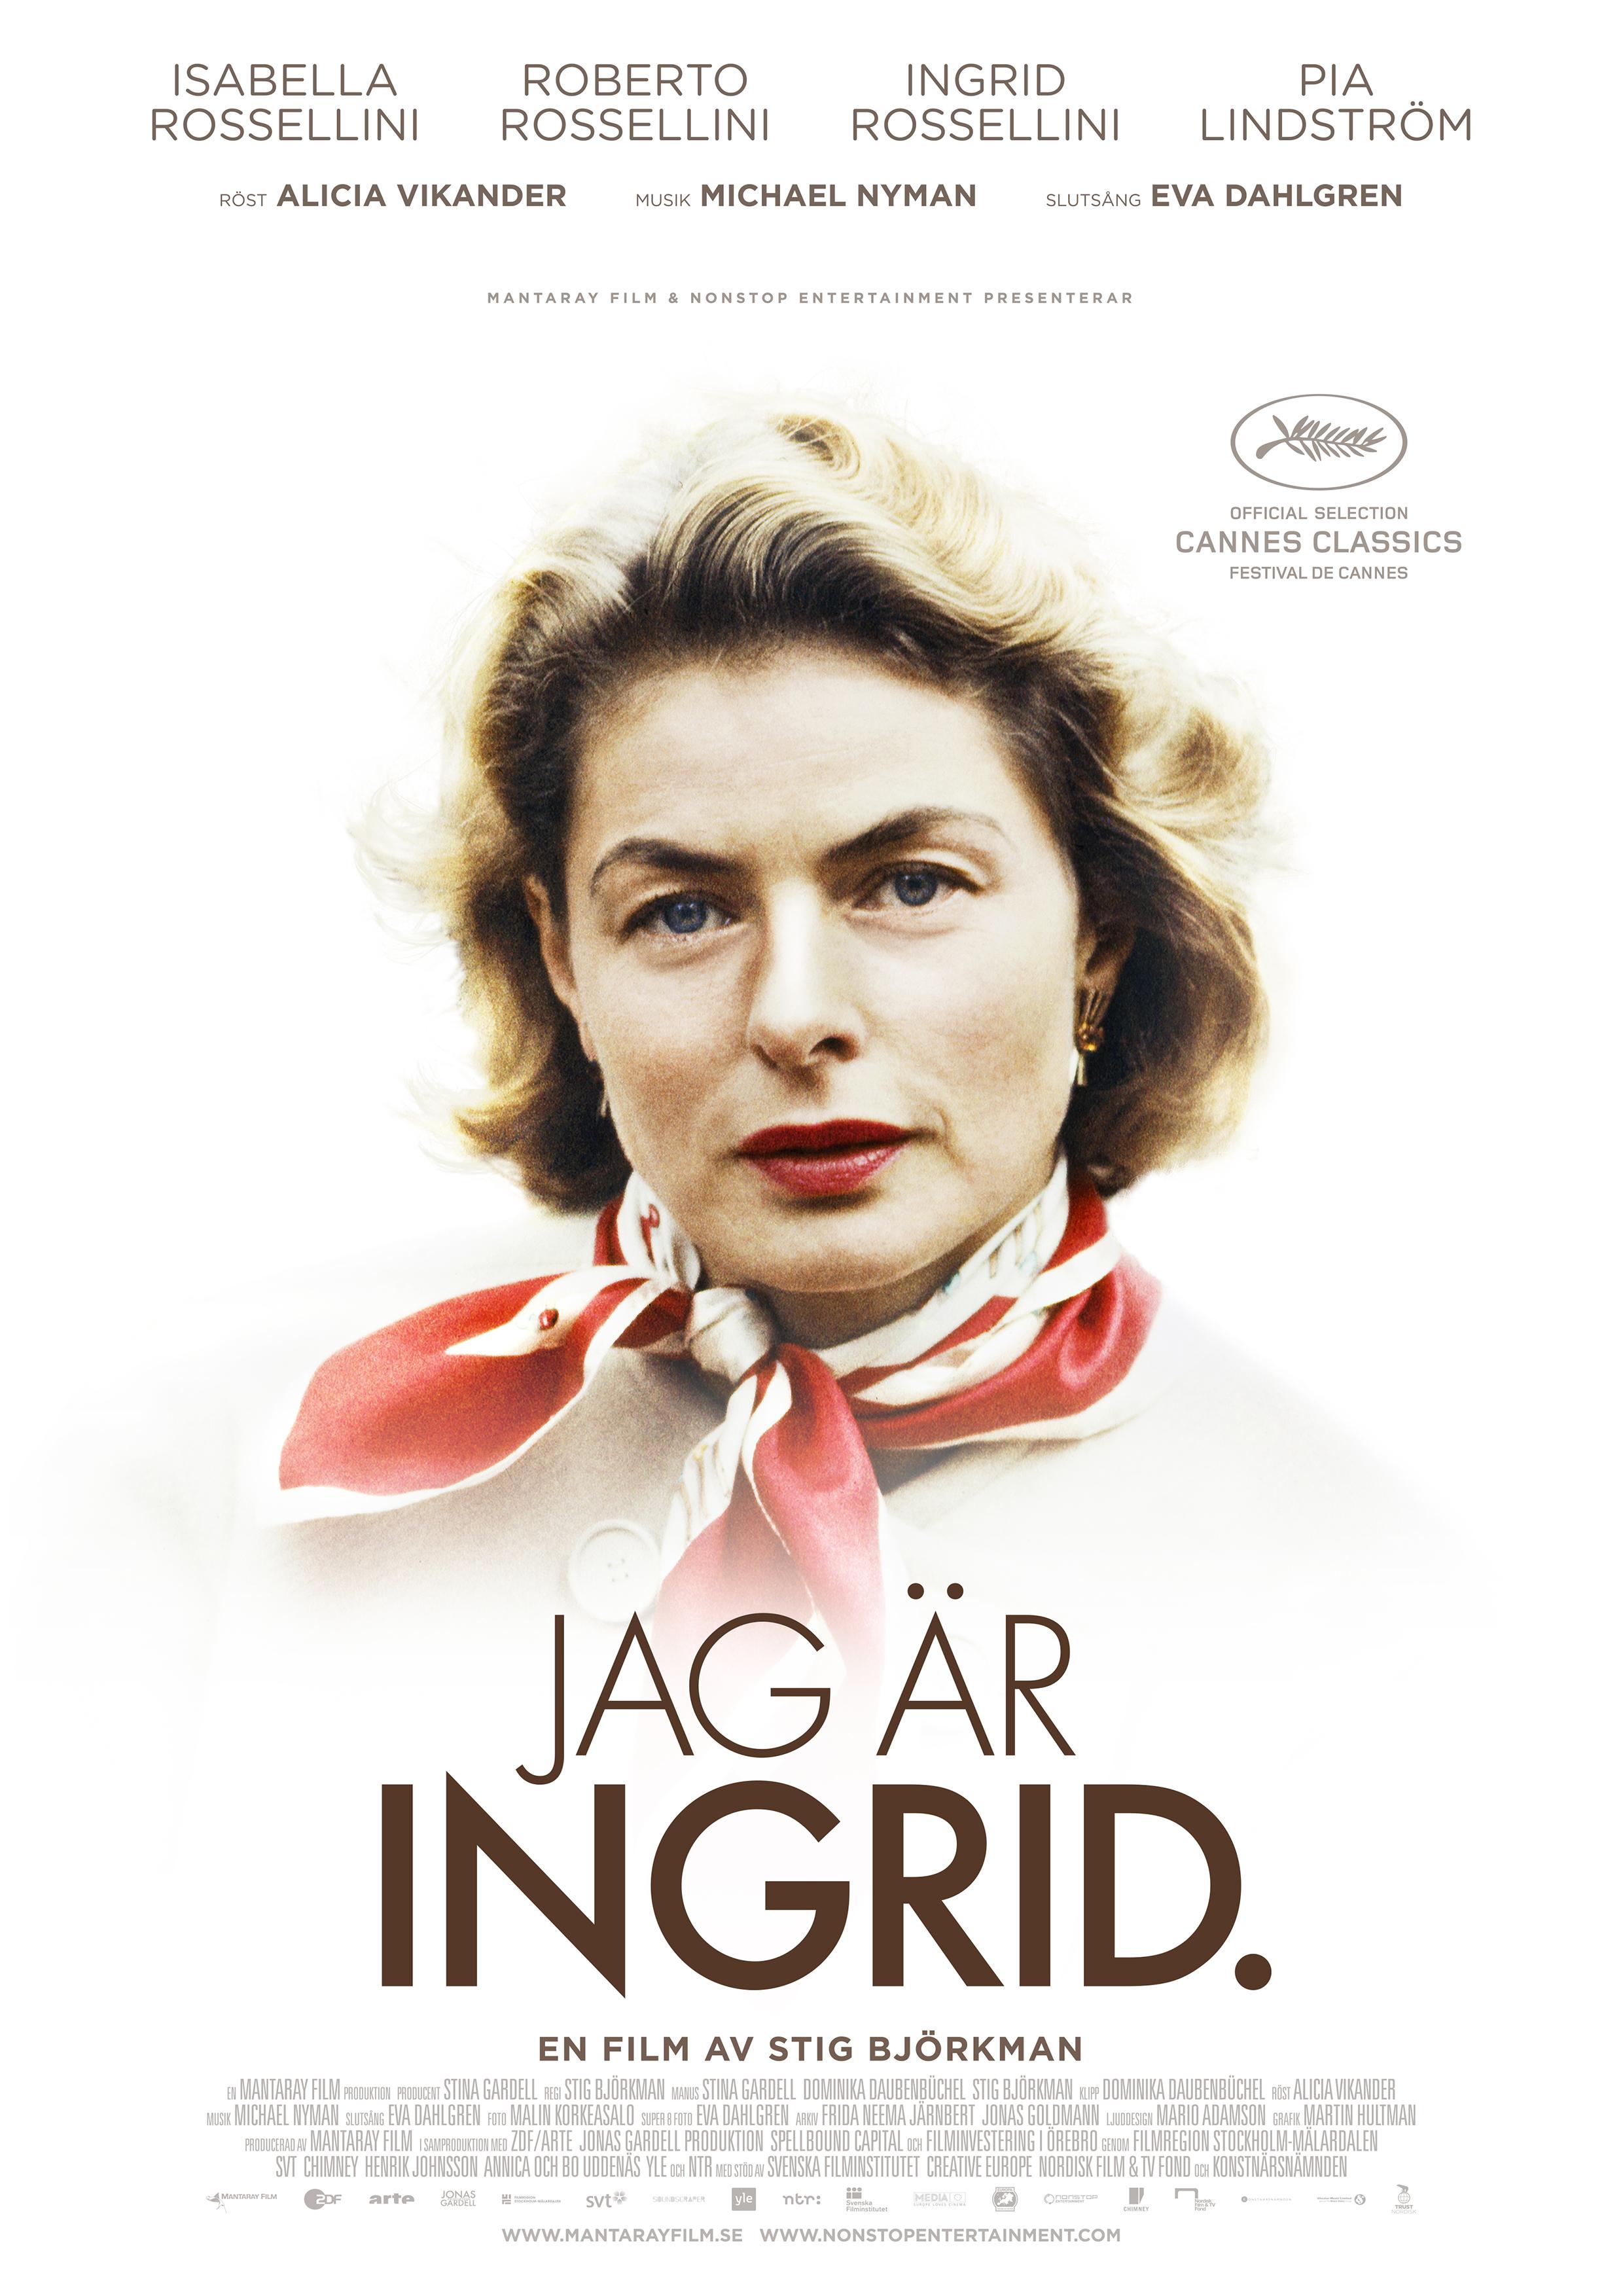 INGRID_A4_RGB